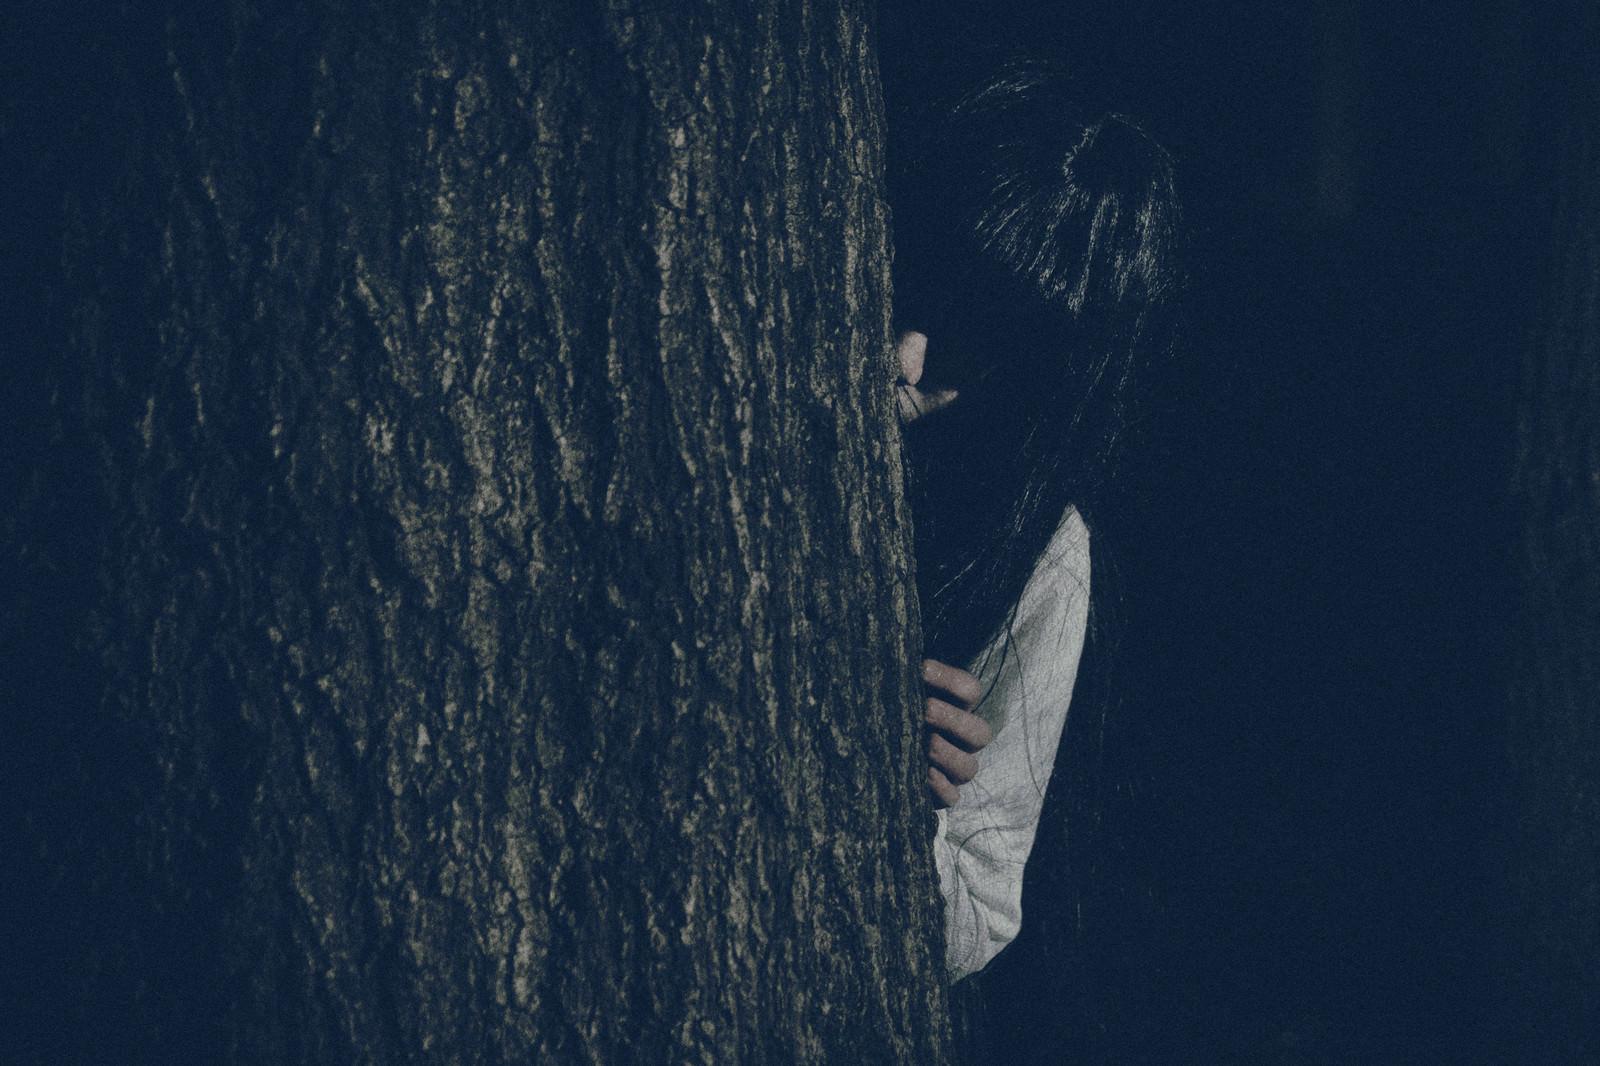 「木の陰からこちらを覗き込む恥ずかしがり屋の貞子さん」の写真[モデル:緋真煉]